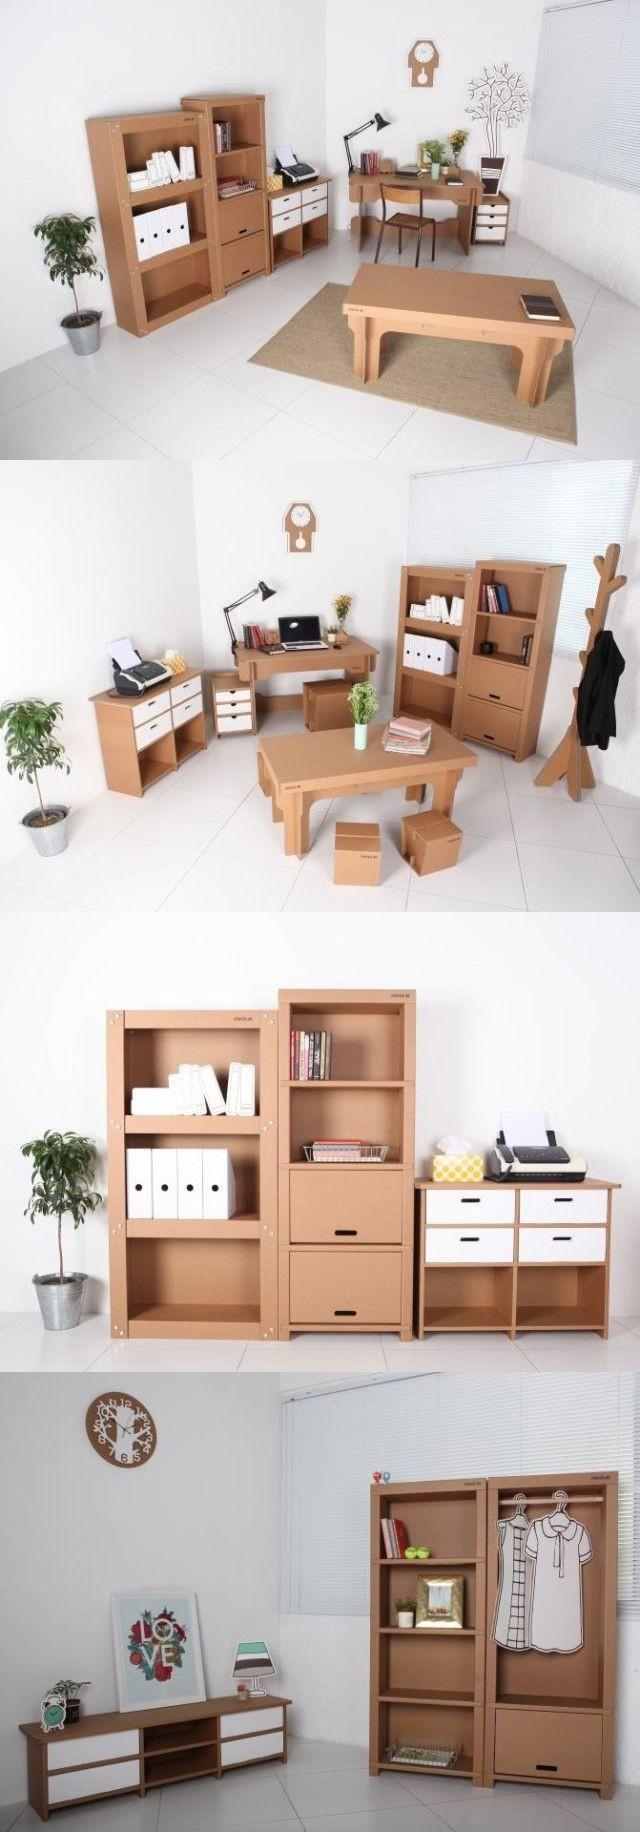 Furniture Papercraft Fa§a Vocª Mesmo M³veis De Papel£o